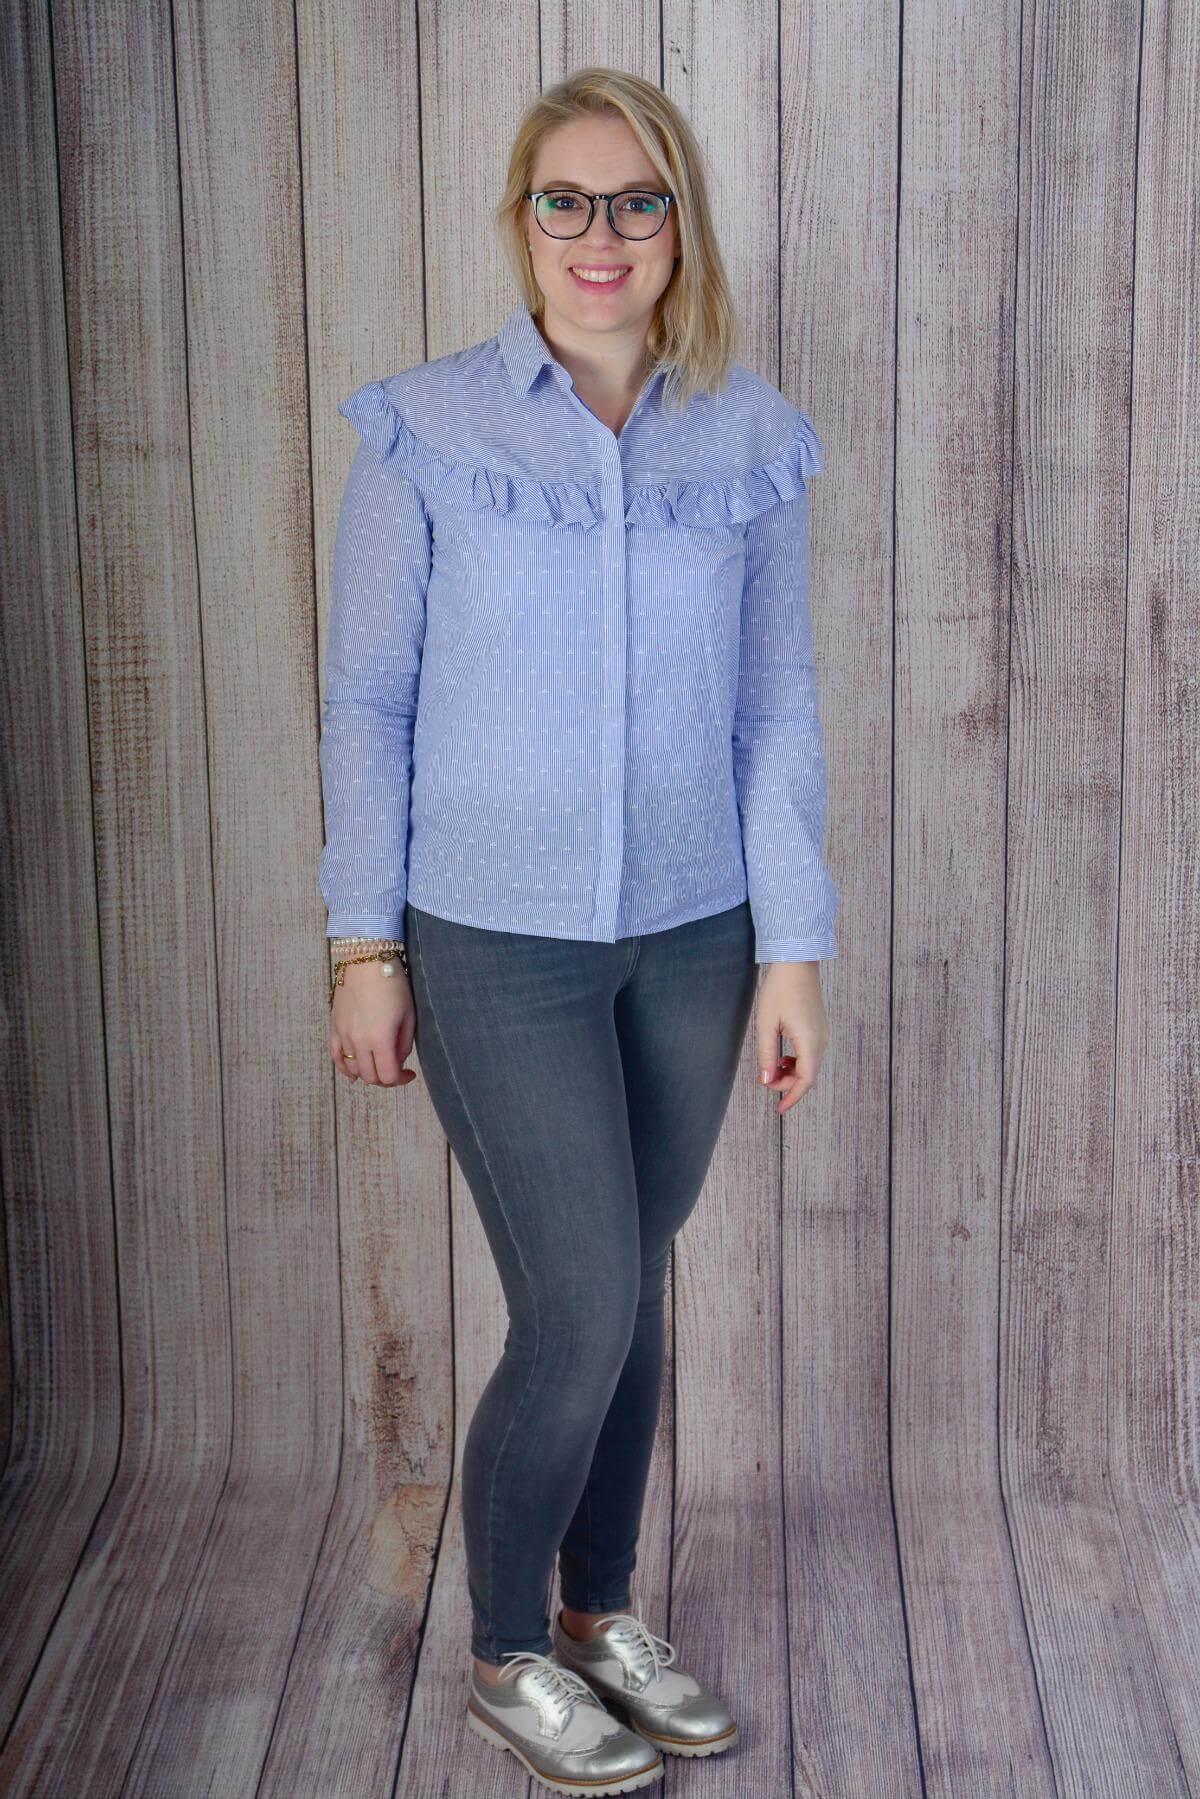 Fotoshoot Dees Javu Fotografie Outfit blouse met raffles